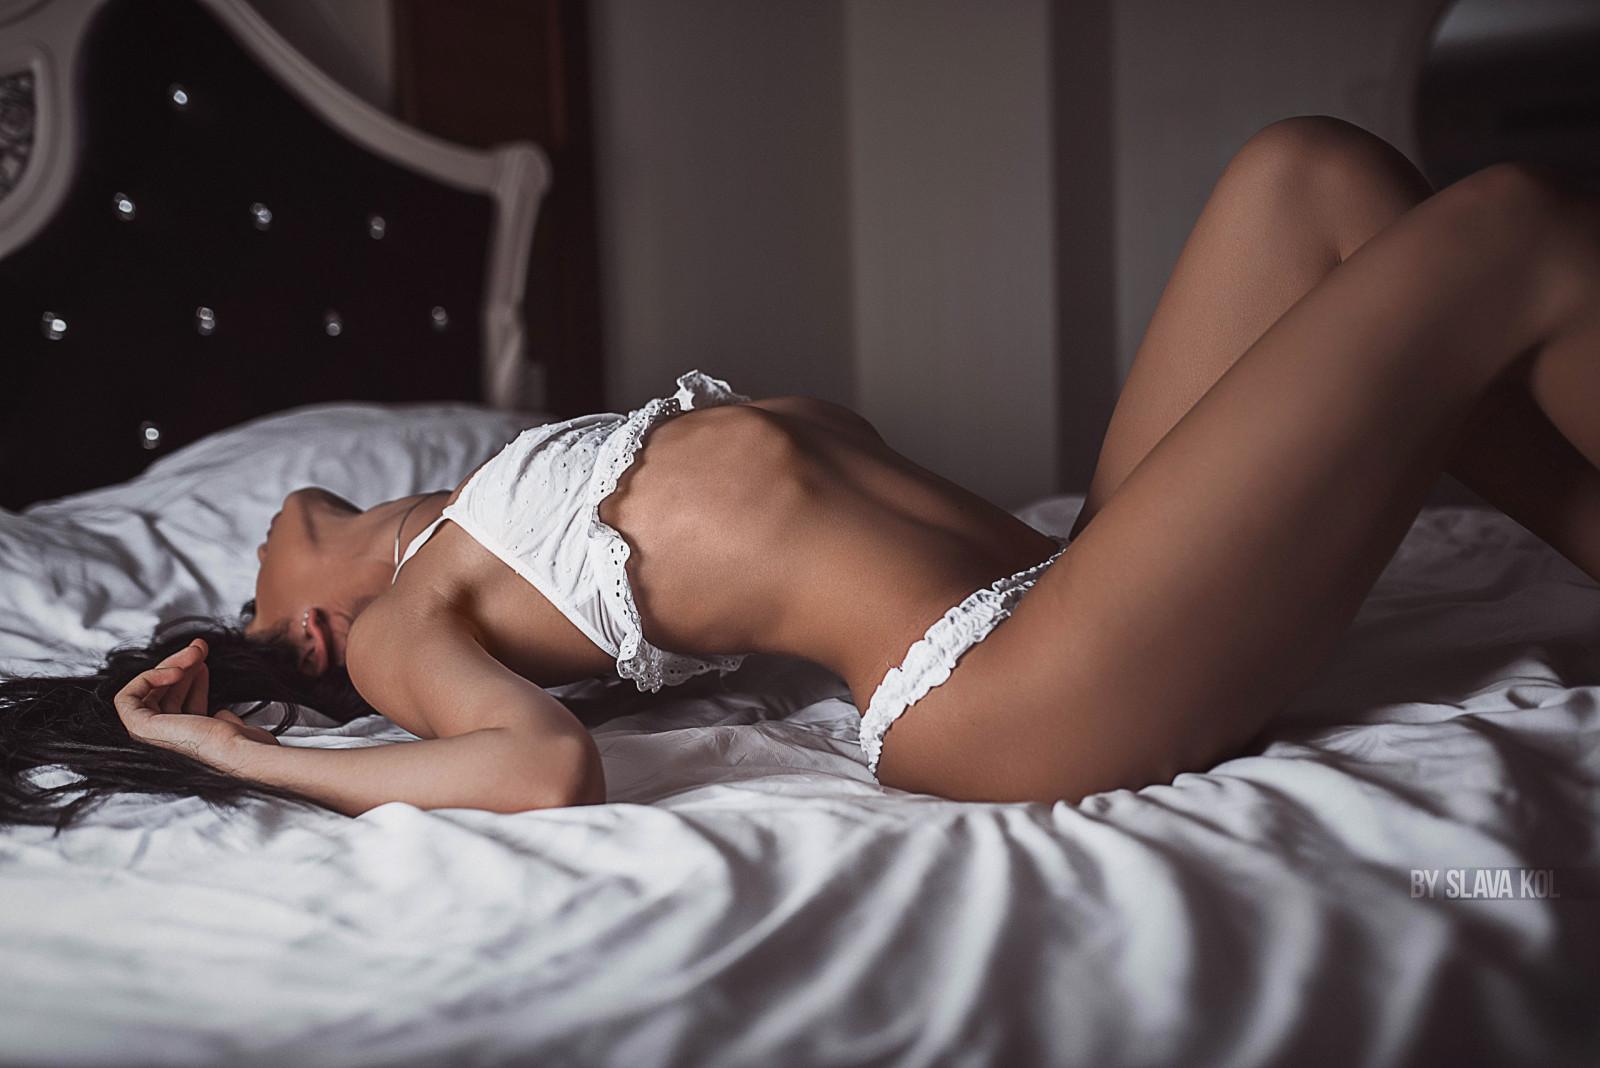 фото загорелых в постели многими согласна